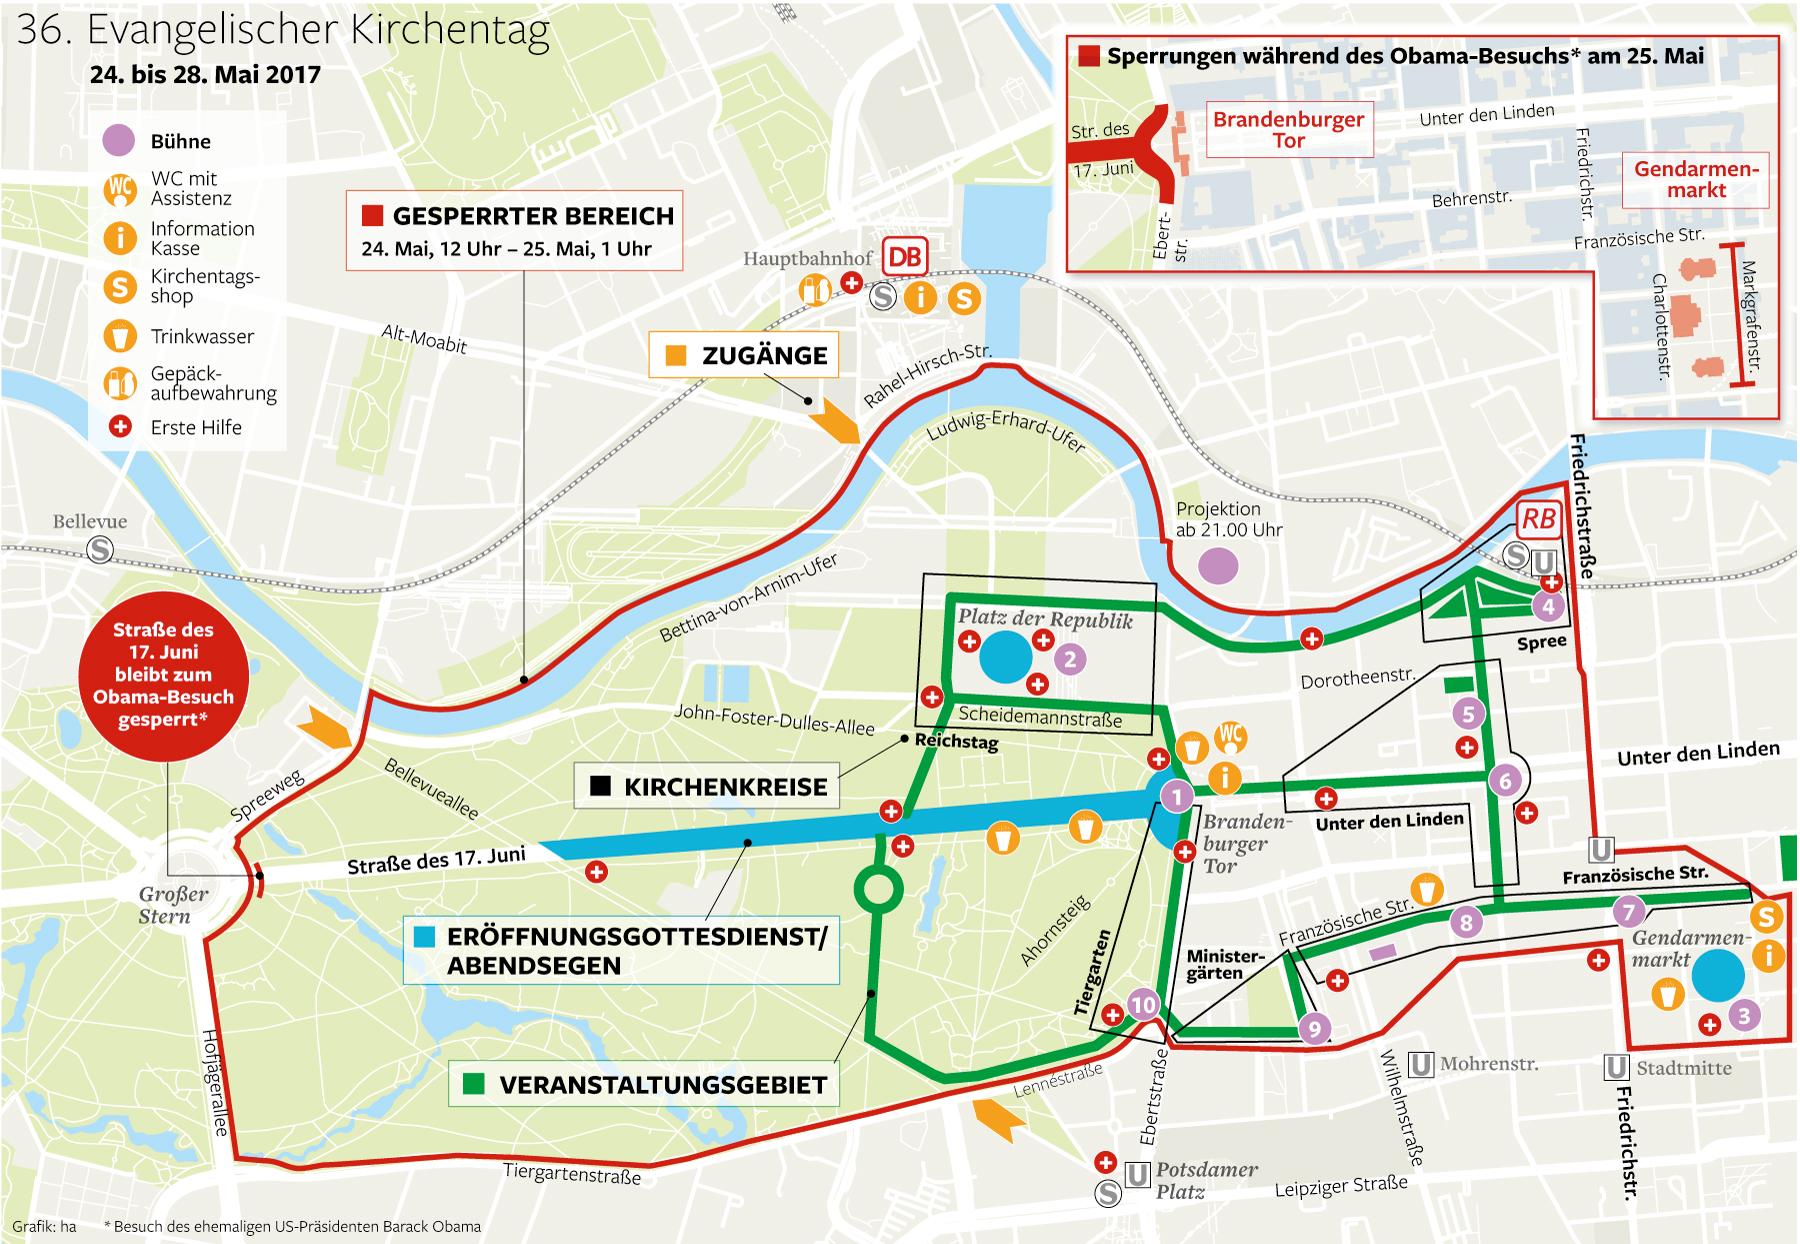 Programm Und Sperrungen Zum ObamaBesuch In Berlin Berliner - Berlin map 2017